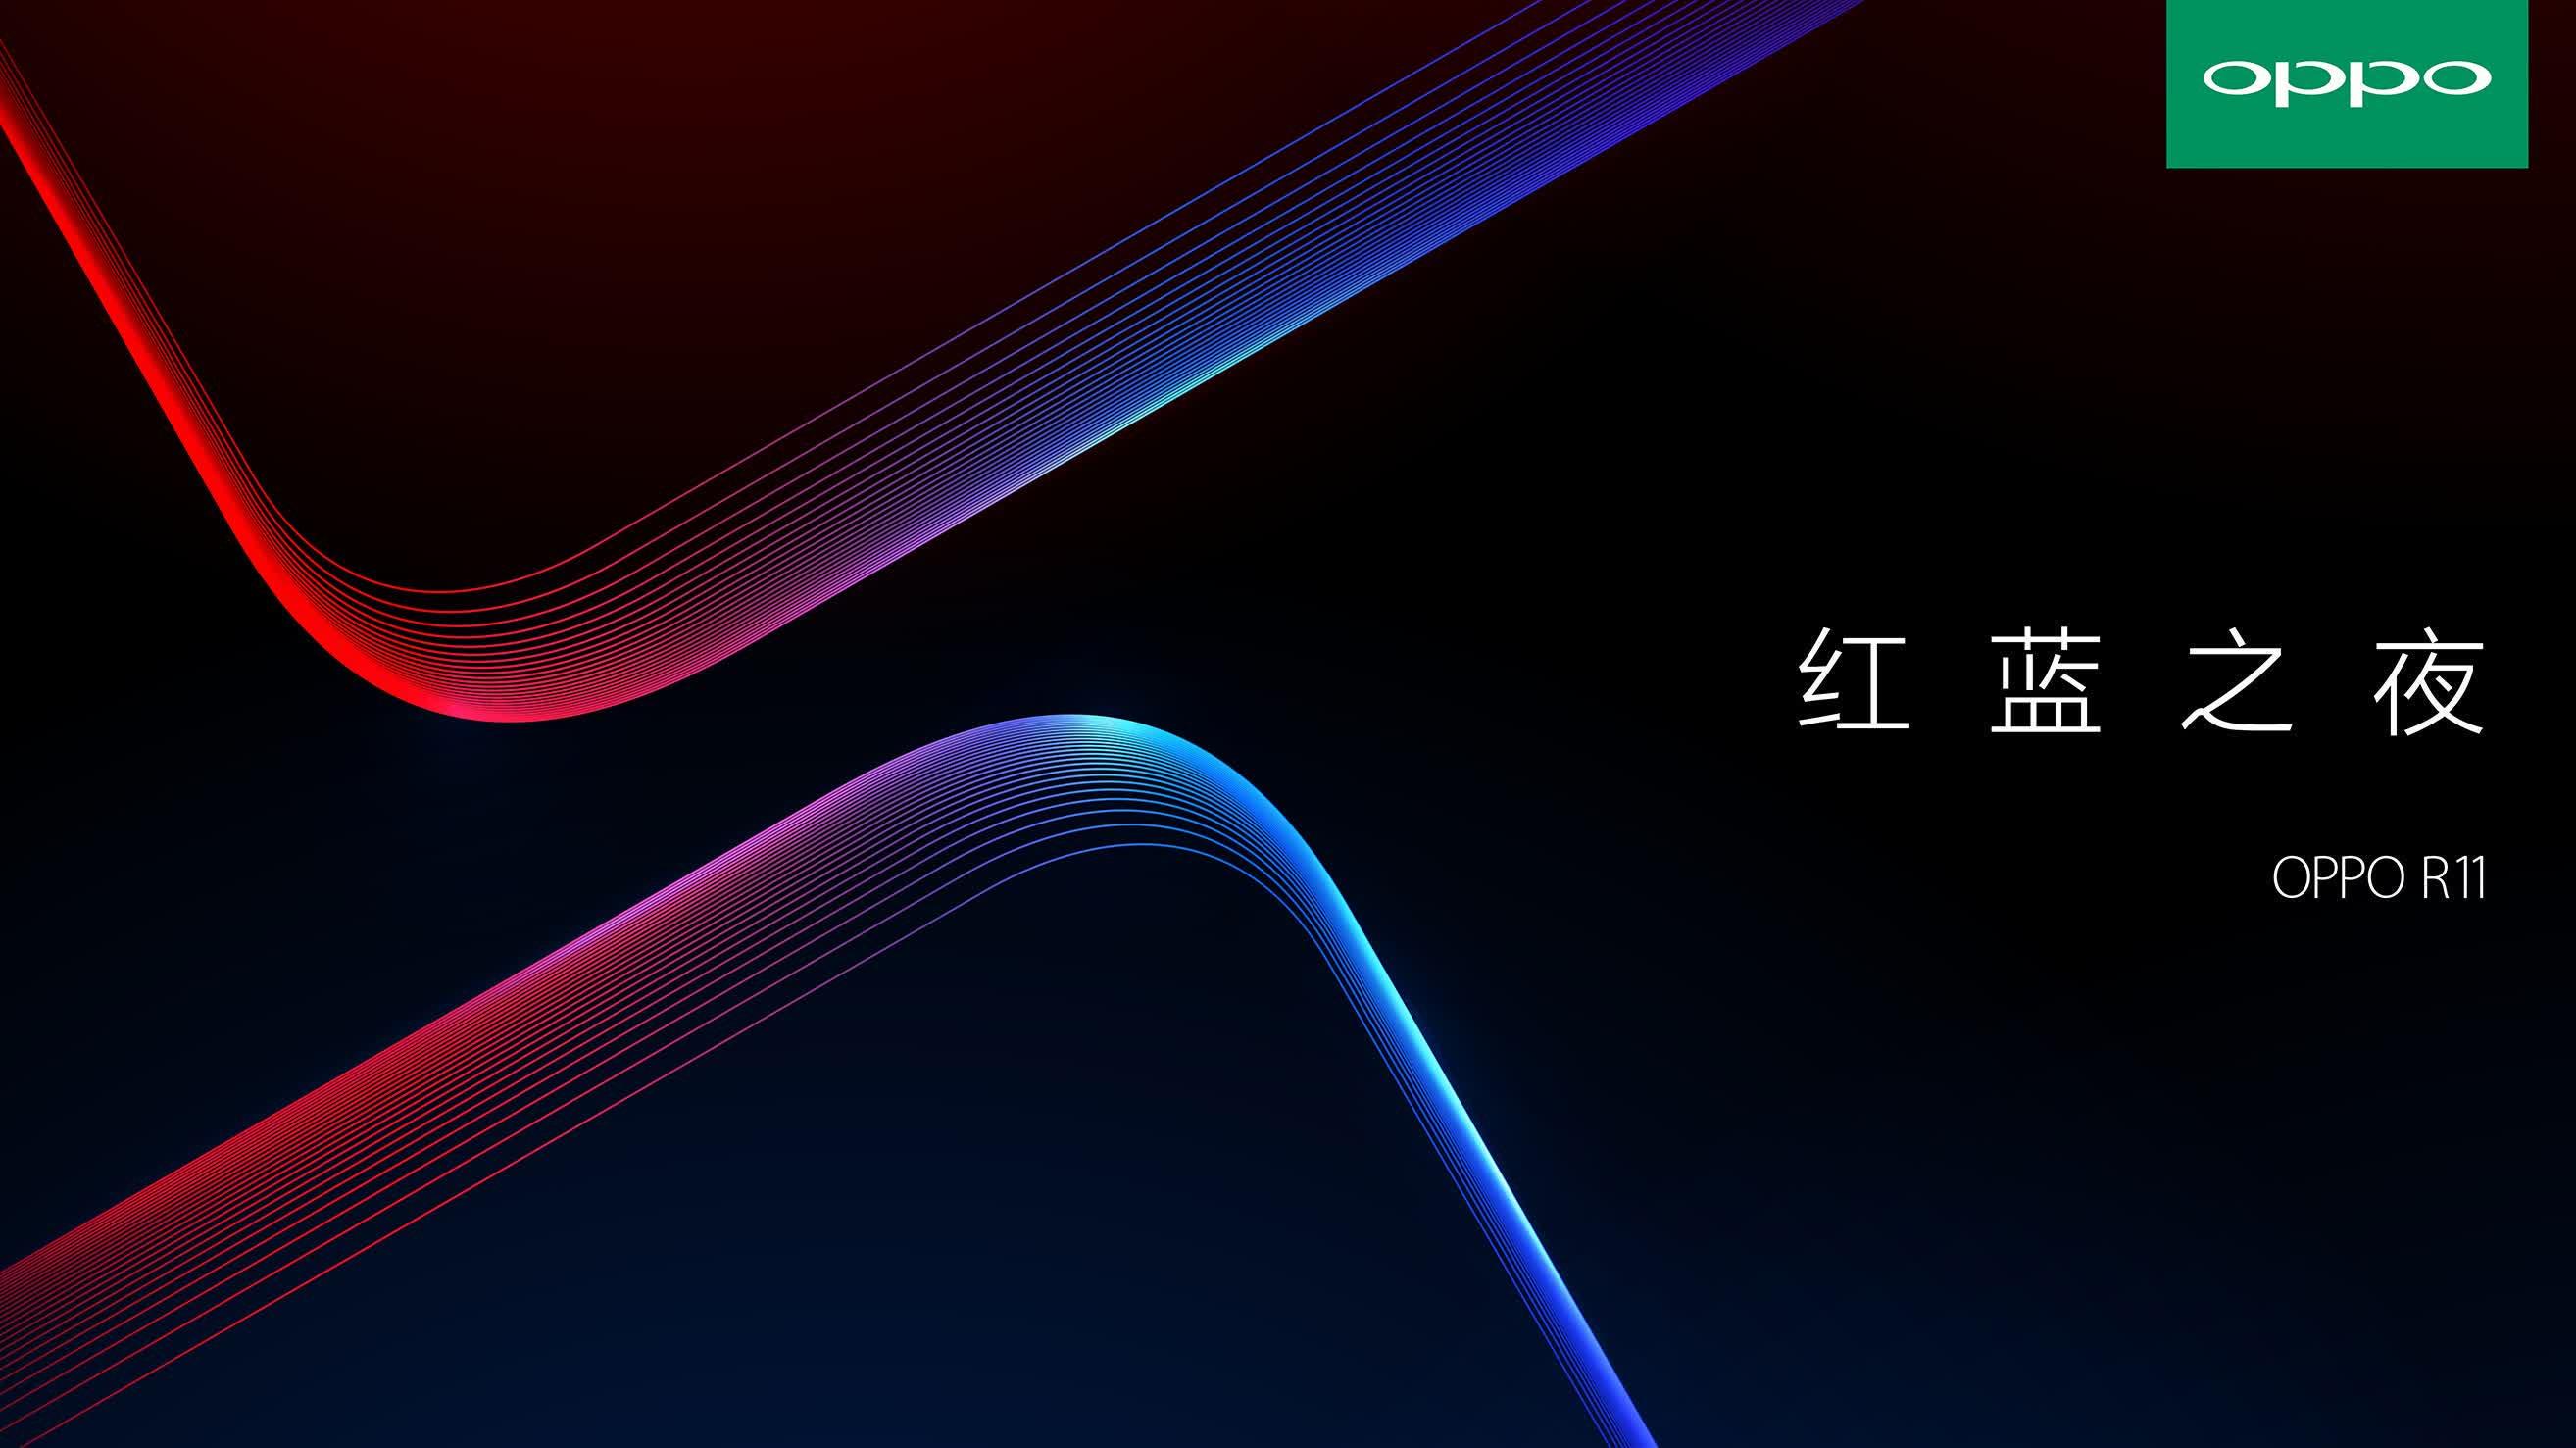 8月8日红蓝之夜,oppo r11巴萨限量版明天发布